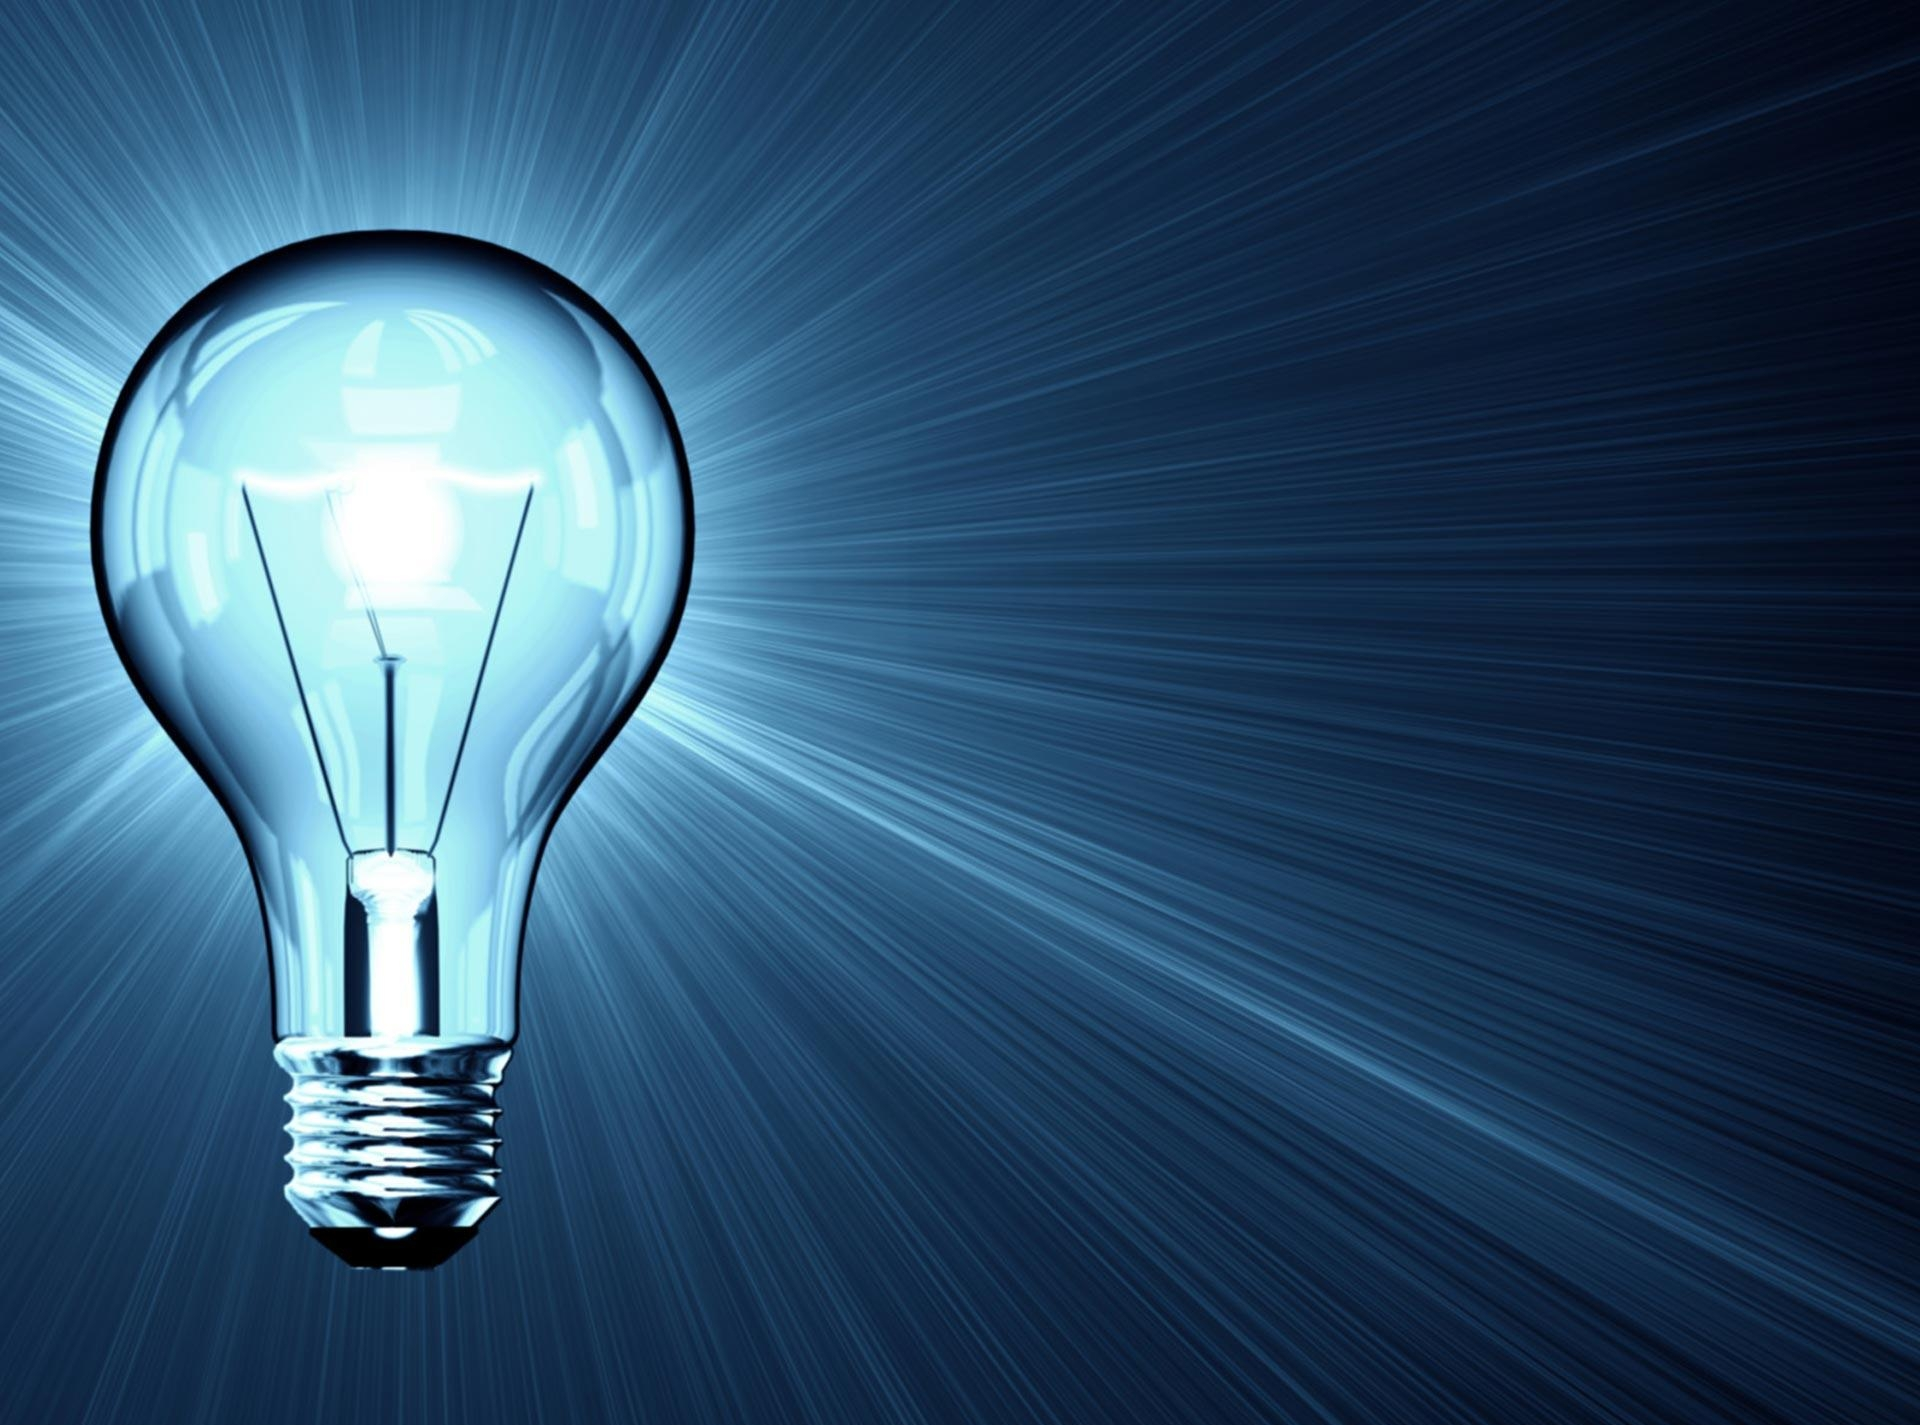 продажа э электричества